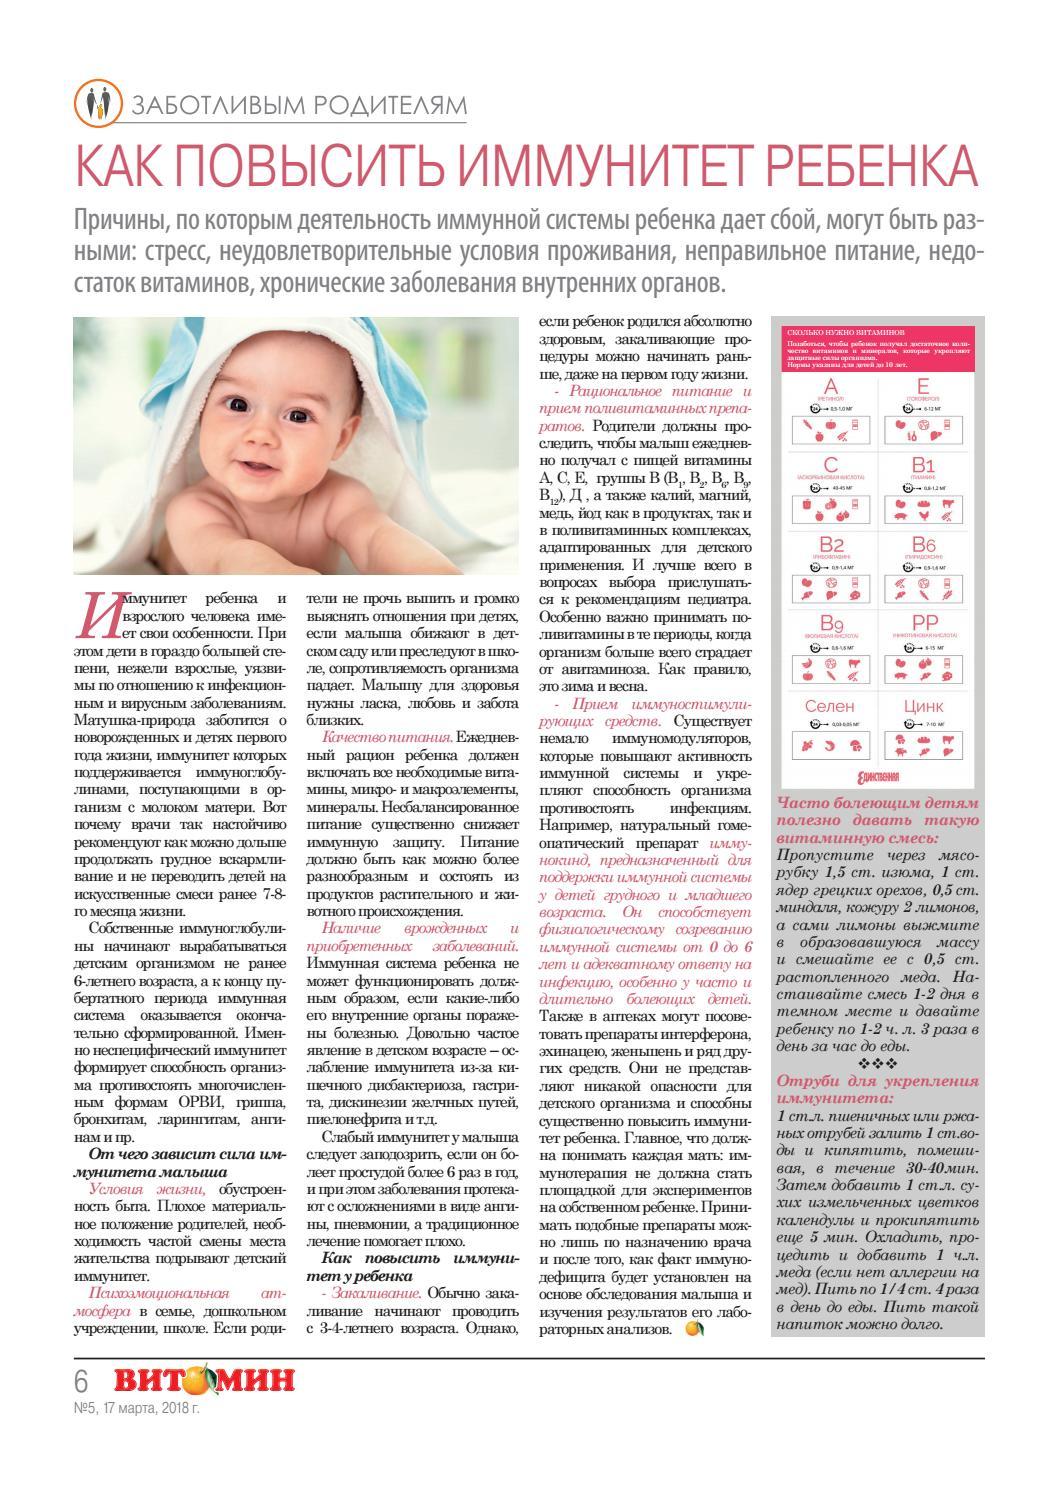 Чем поднять иммунитет – ребёнку 3 года